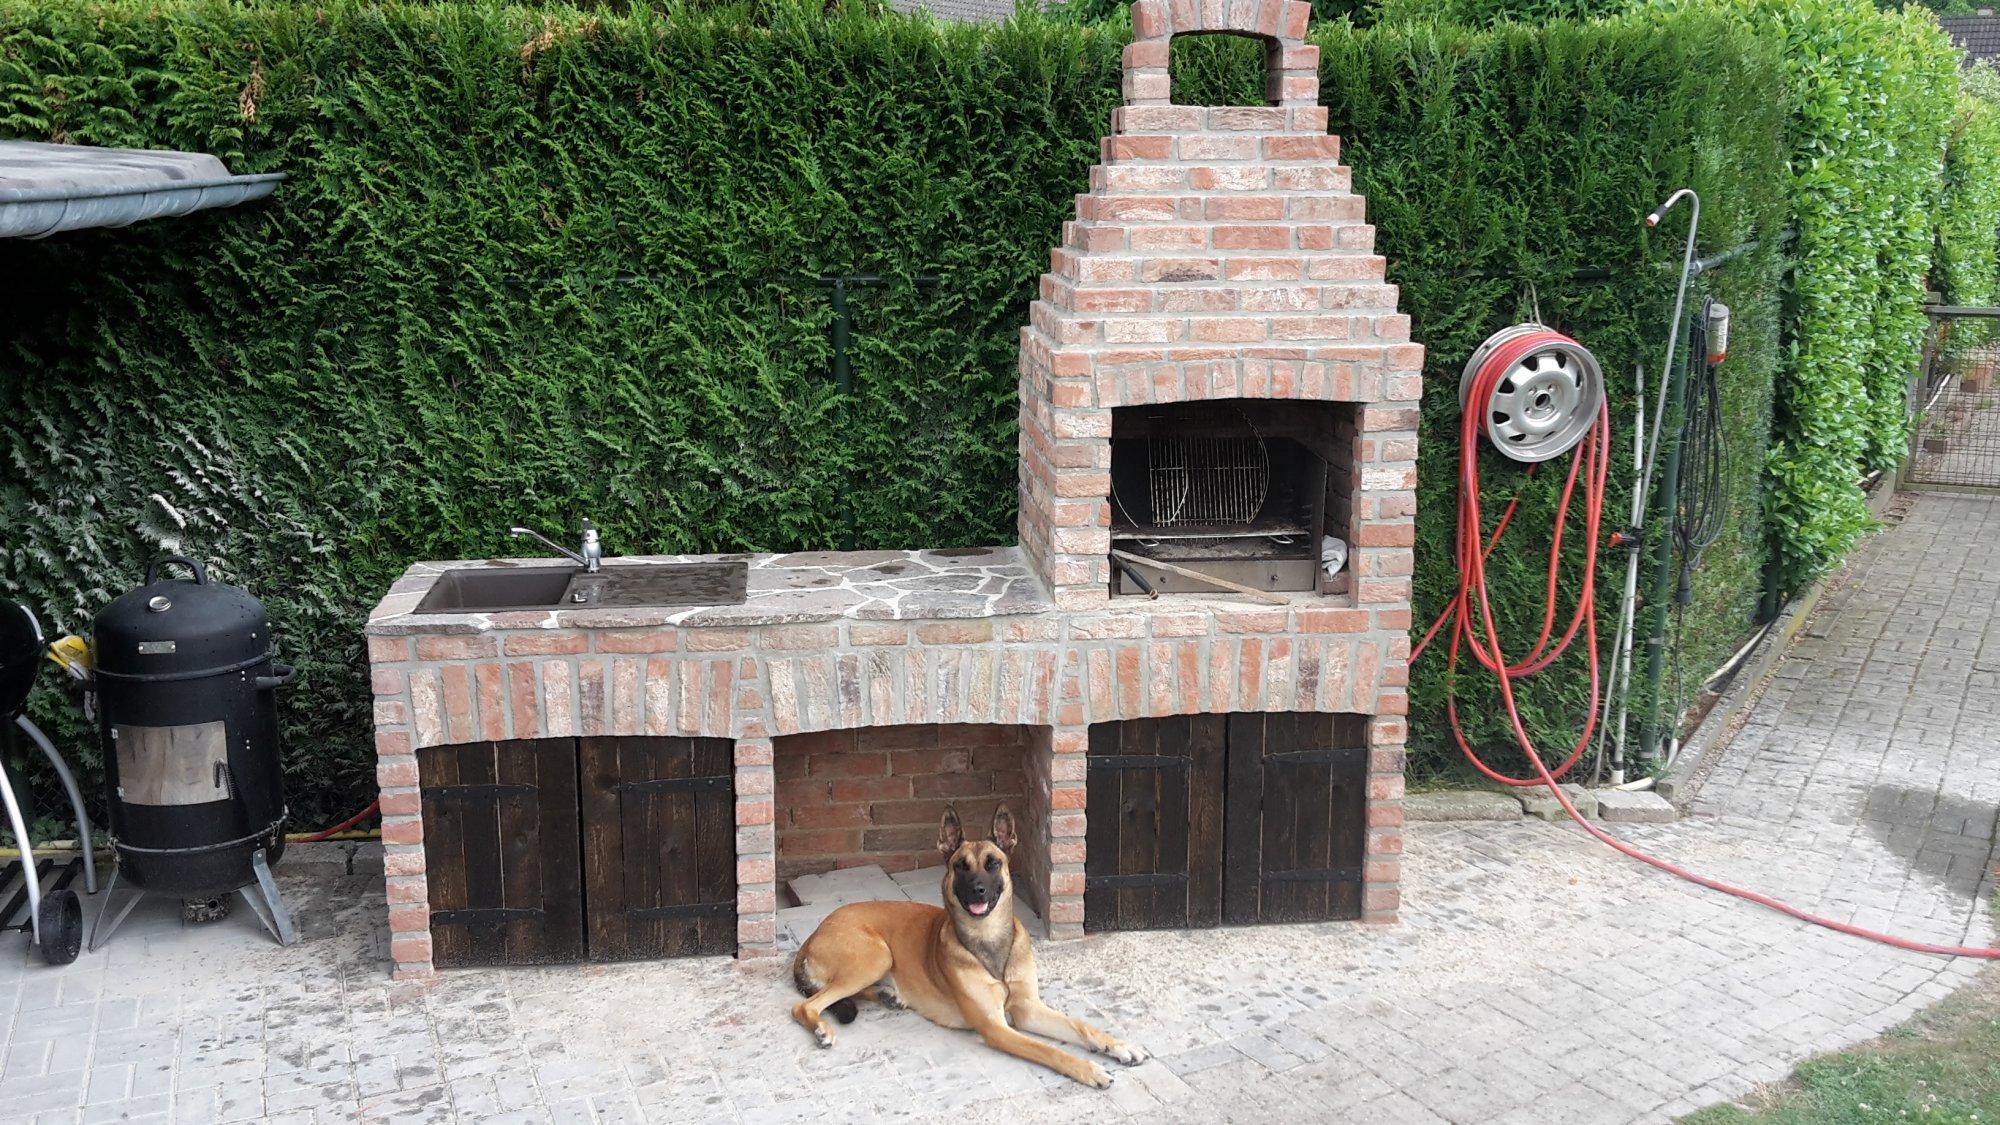 grill gemauert awesome eckgrill gemauert garten with grill gemauert cheap awesome large size. Black Bedroom Furniture Sets. Home Design Ideas